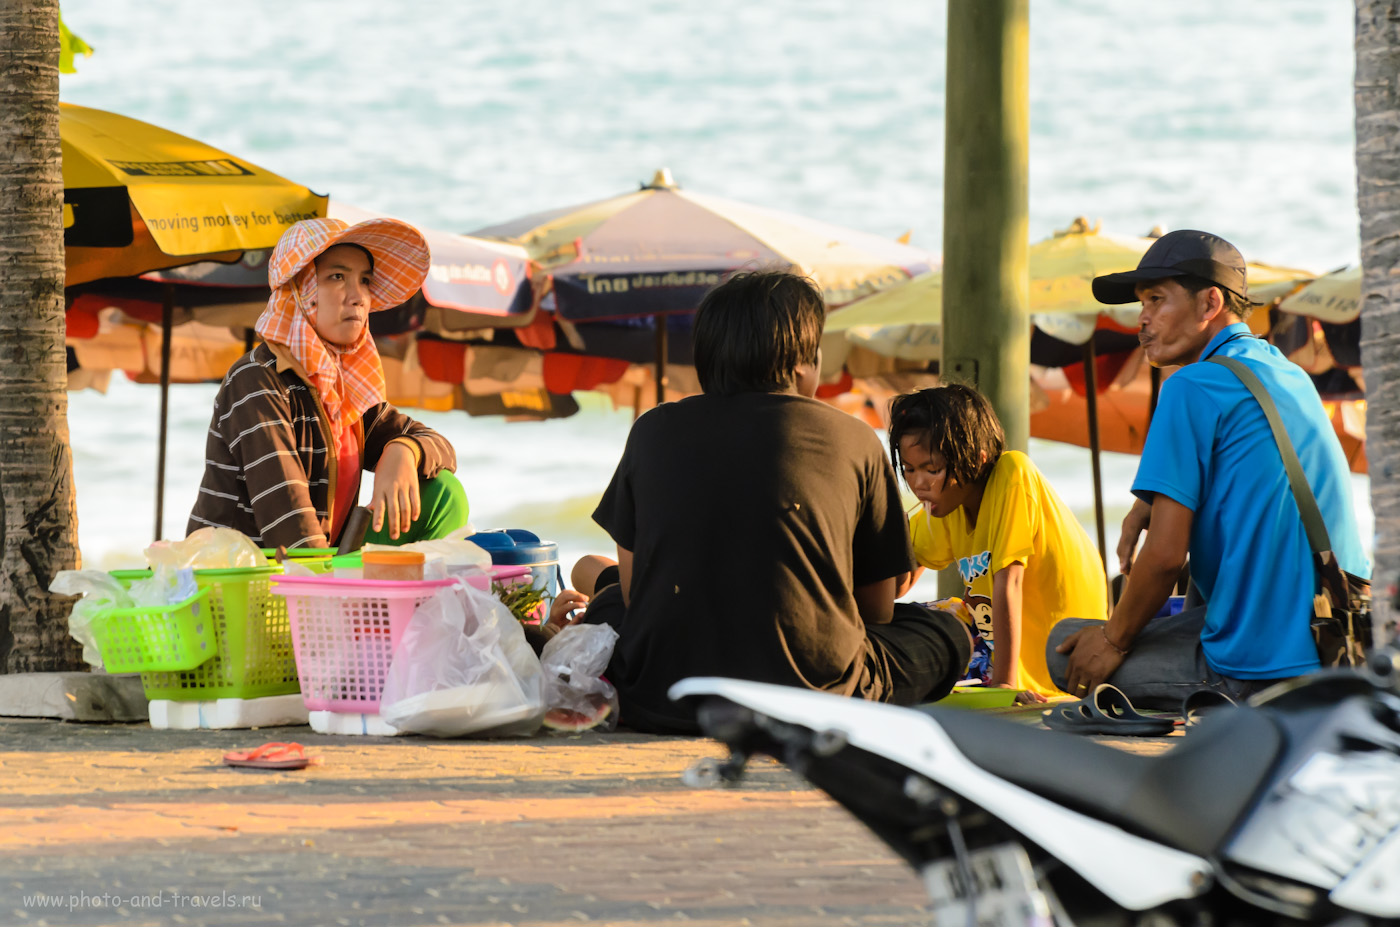 25. Местные жители Паттайи. Прогулка по пляжу Джомтьен (Jomtien beach). Отзывы об отдыхе в Таиланде. (AF-S VR Zoom-Nikkor 70-300mm f/4.5-5.6G IF-ED, 1/250 сек, 0 eV, приоритет диафрагмы, f/5.3, 195 мм, 400)